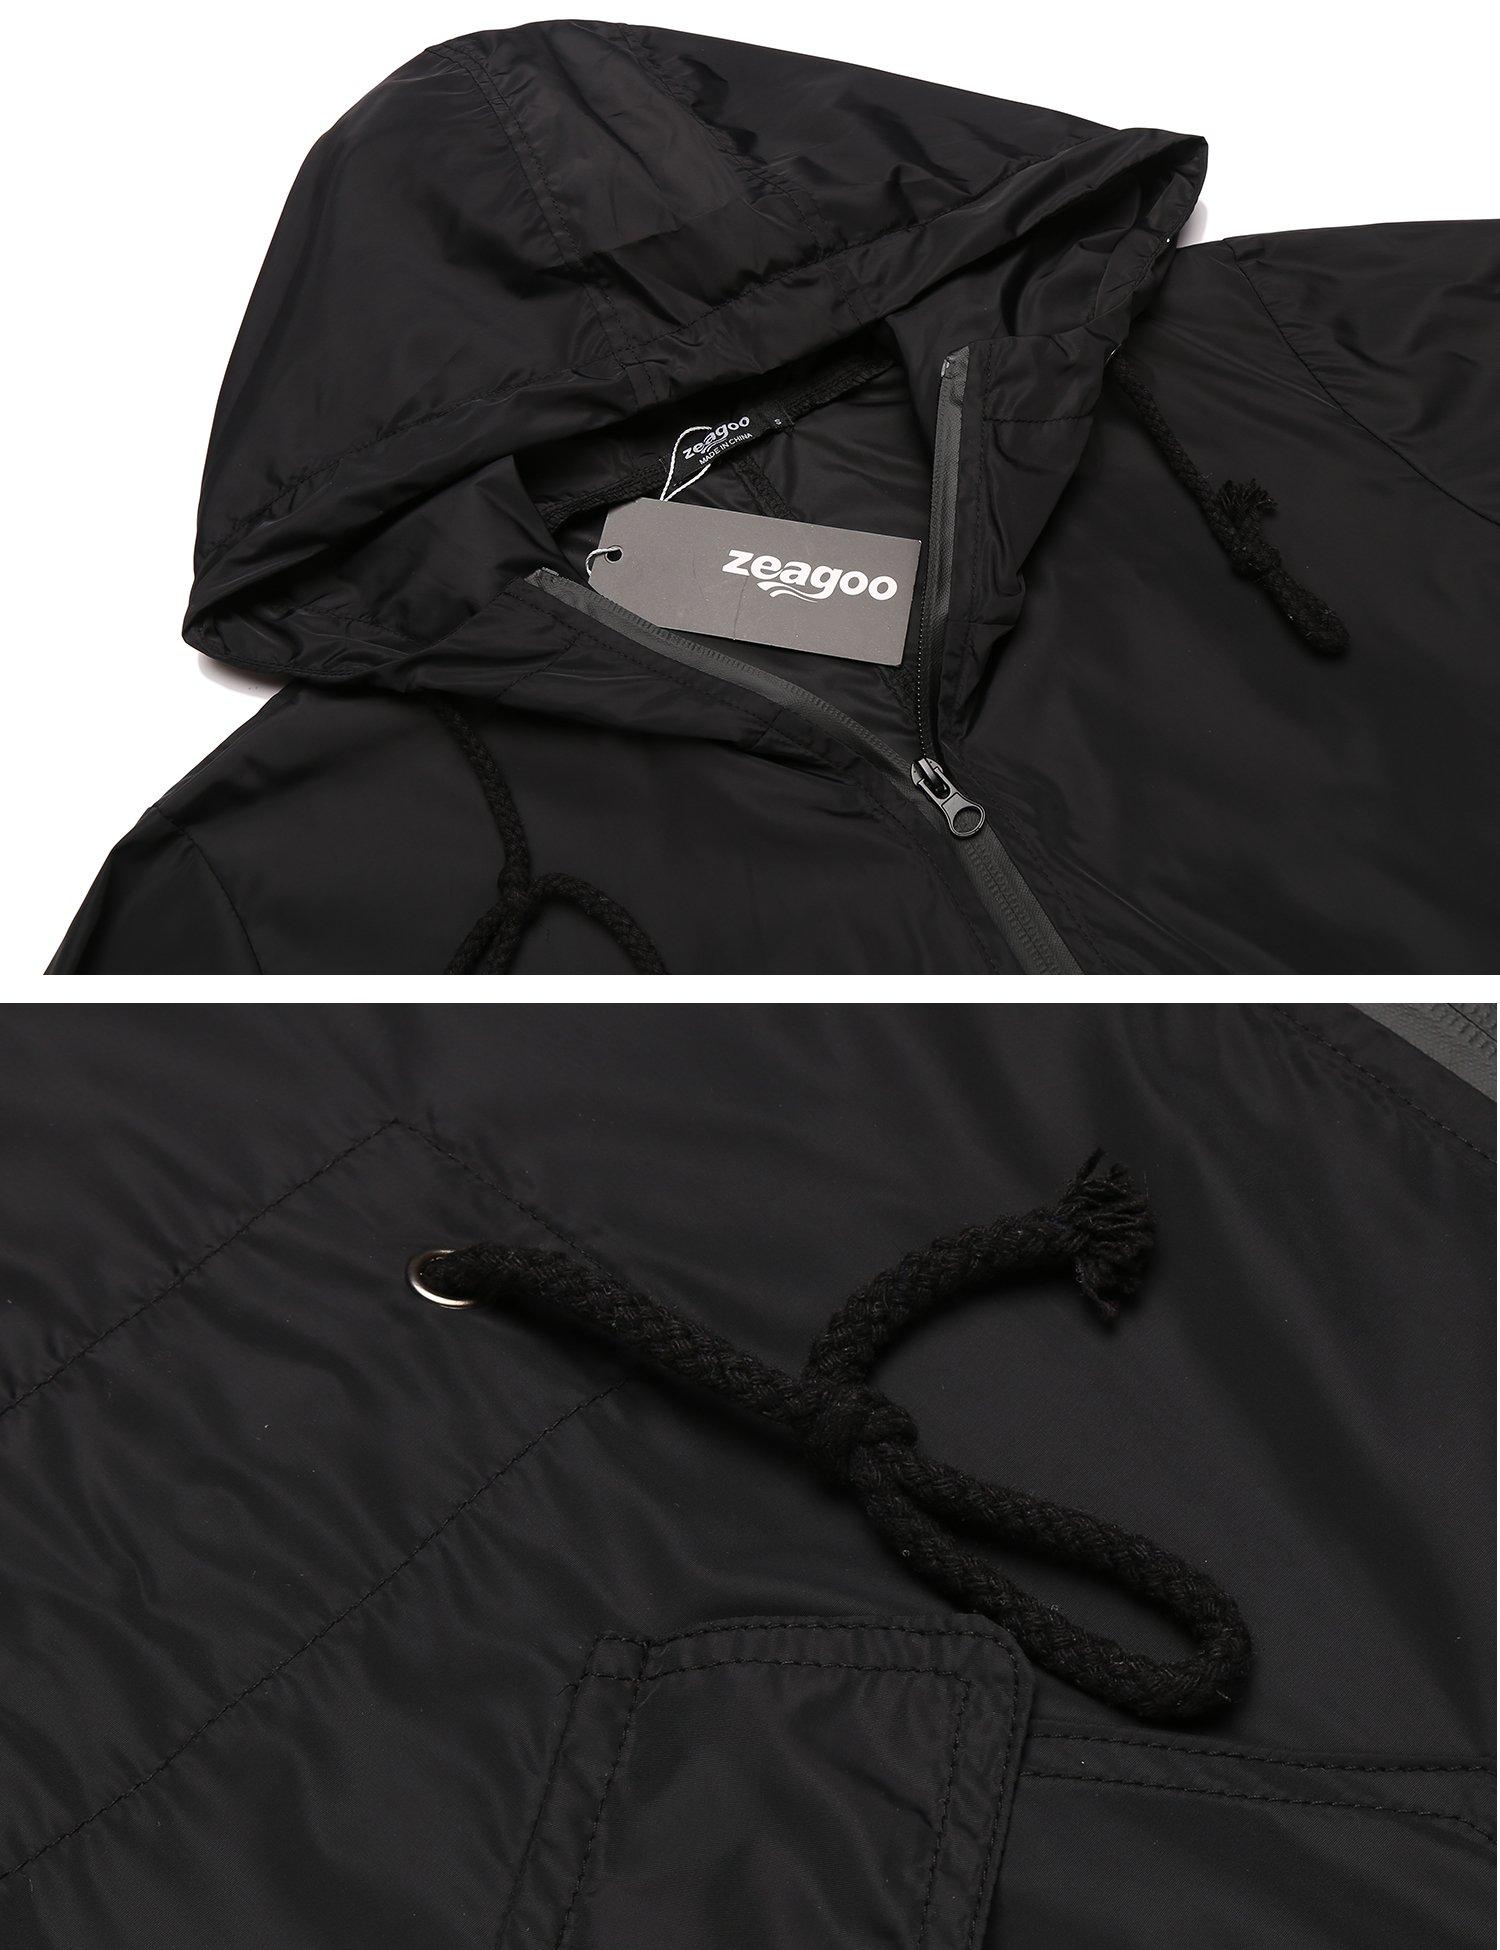 Zeagoo Women's Waterproof Front-Zip Lightweight Hoodie Hiking Cycling Outdoor Raincoat Active Jacket,Black,XXL by Zeagoo (Image #6)